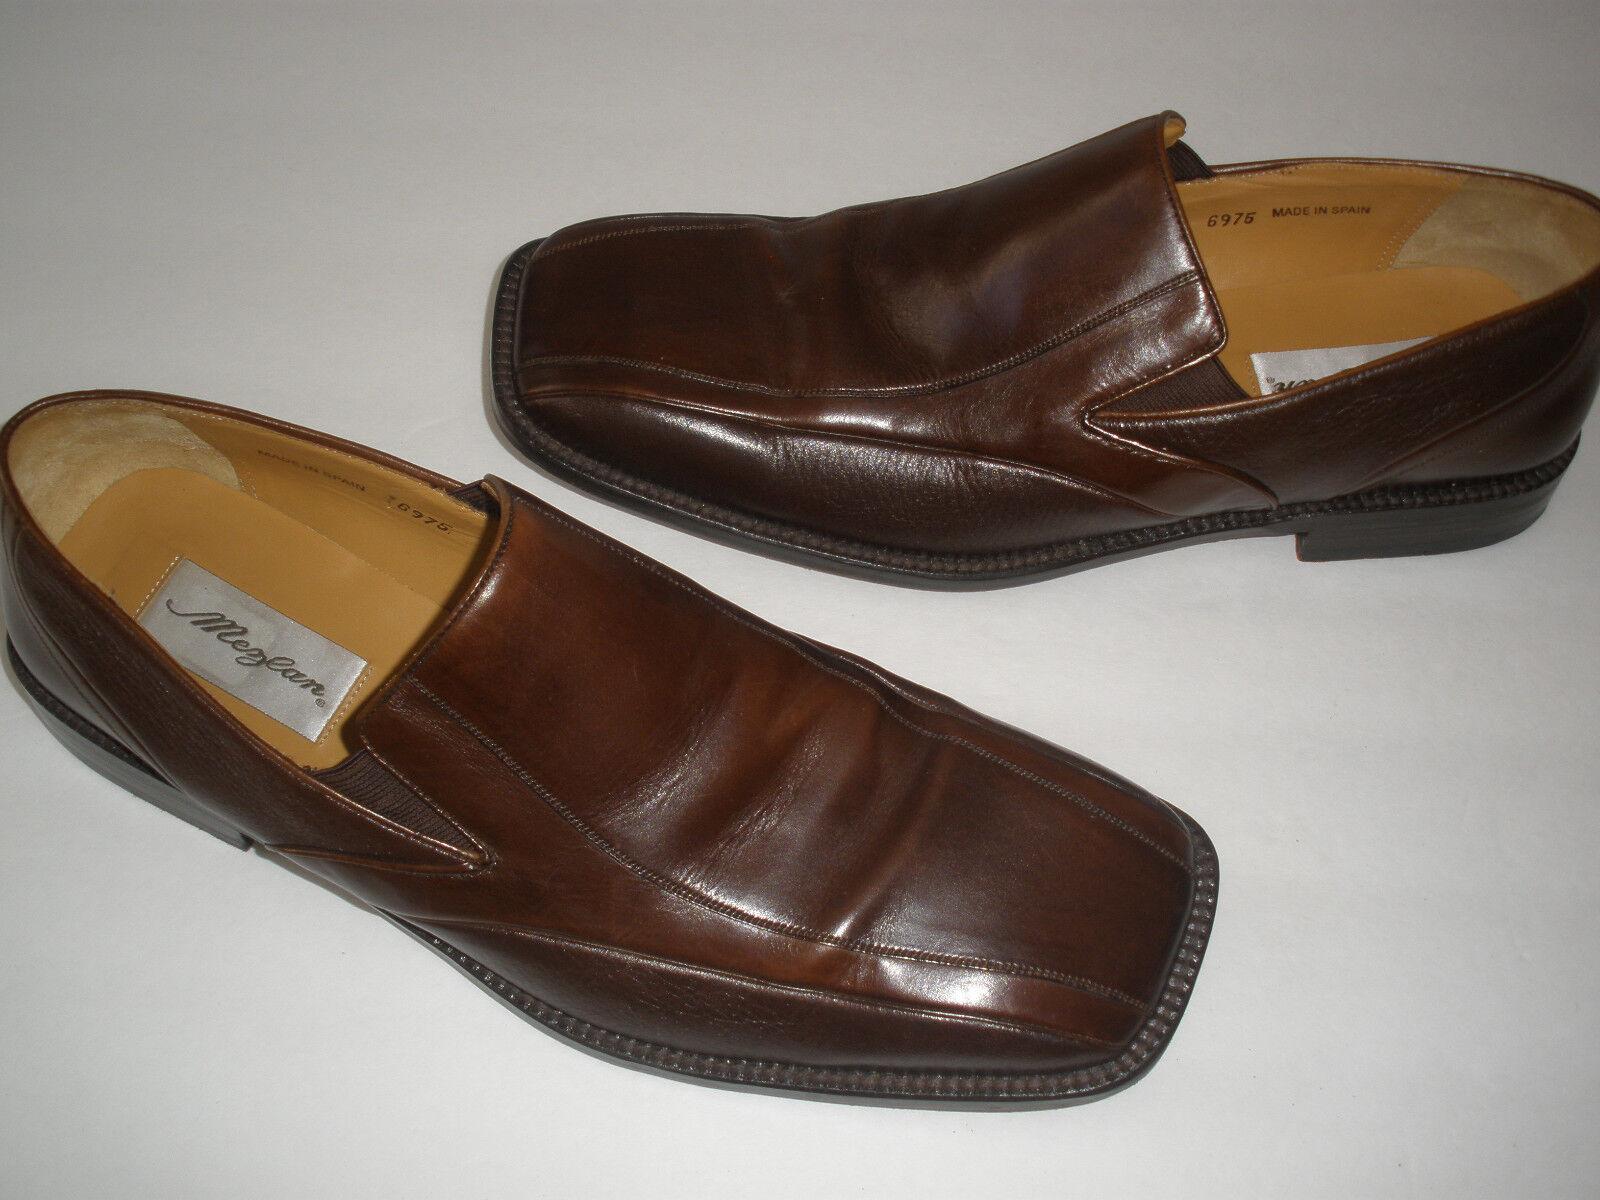 @ MEZLAN GENUINE 2 TONE LEATHER LOAFERS US 11.5 HOT HANDMADE IN SPAIN Scarpe classiche da uomo